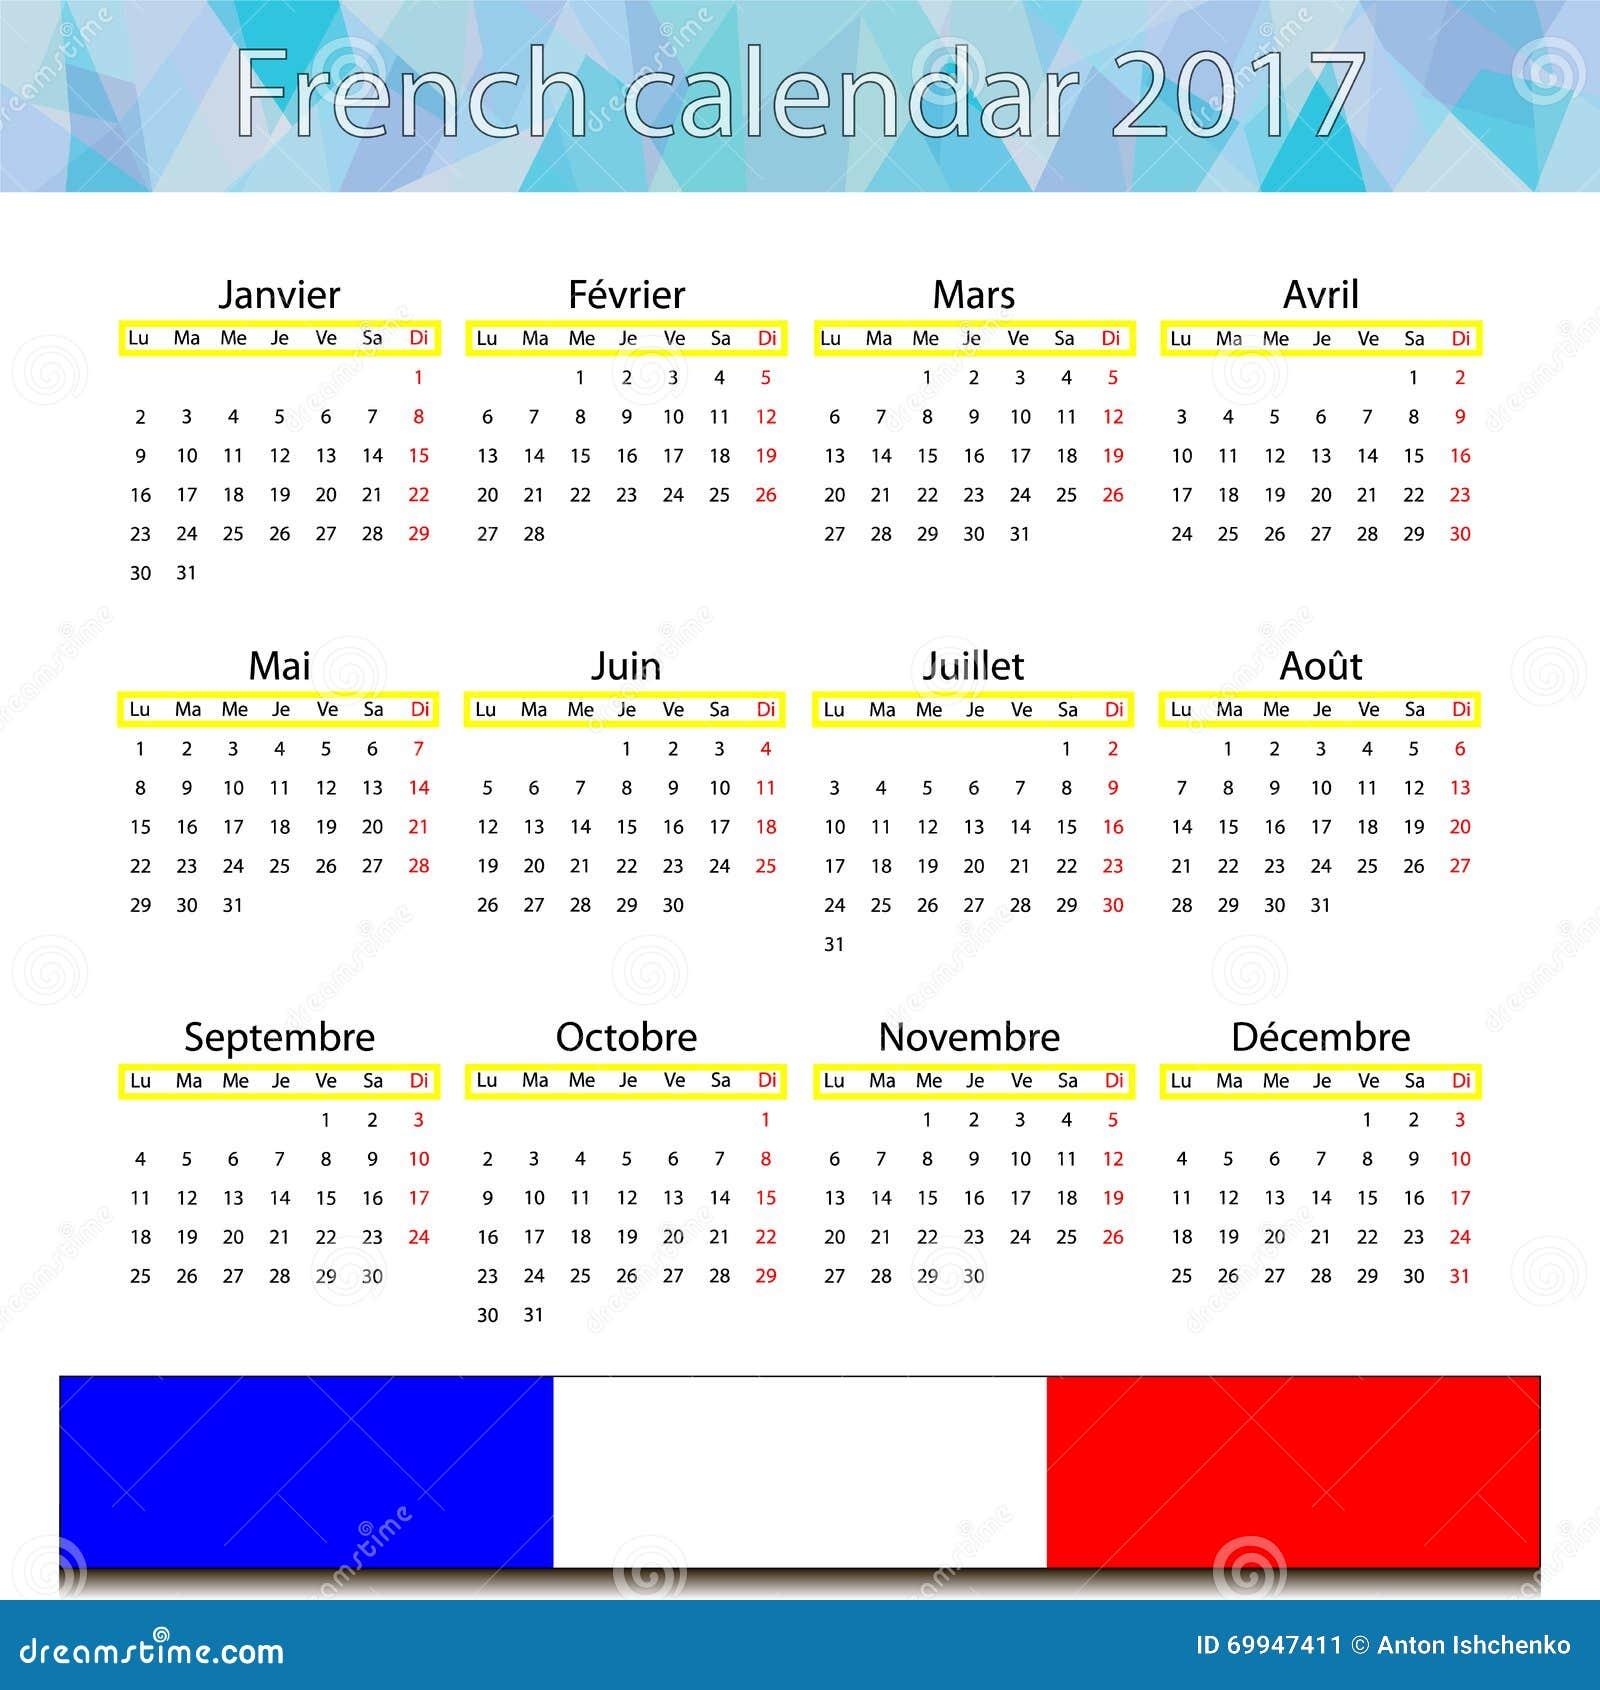 Französischer Kalender 2017